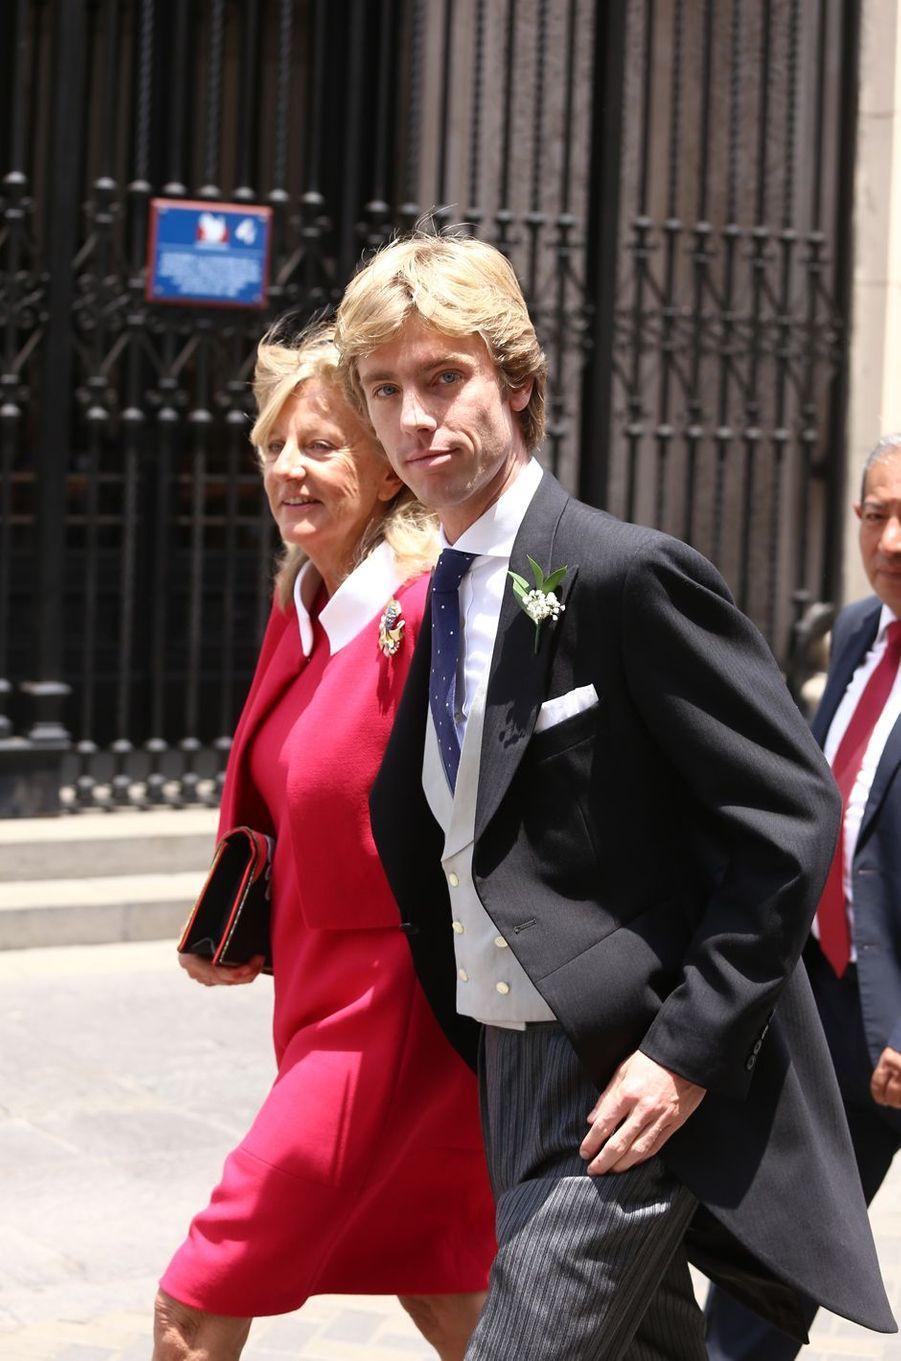 Le prince Christian de Hanovre le jour de son mariage, au bras de sa mèreChantal Hochuli, à Lima le 16 mars 2018